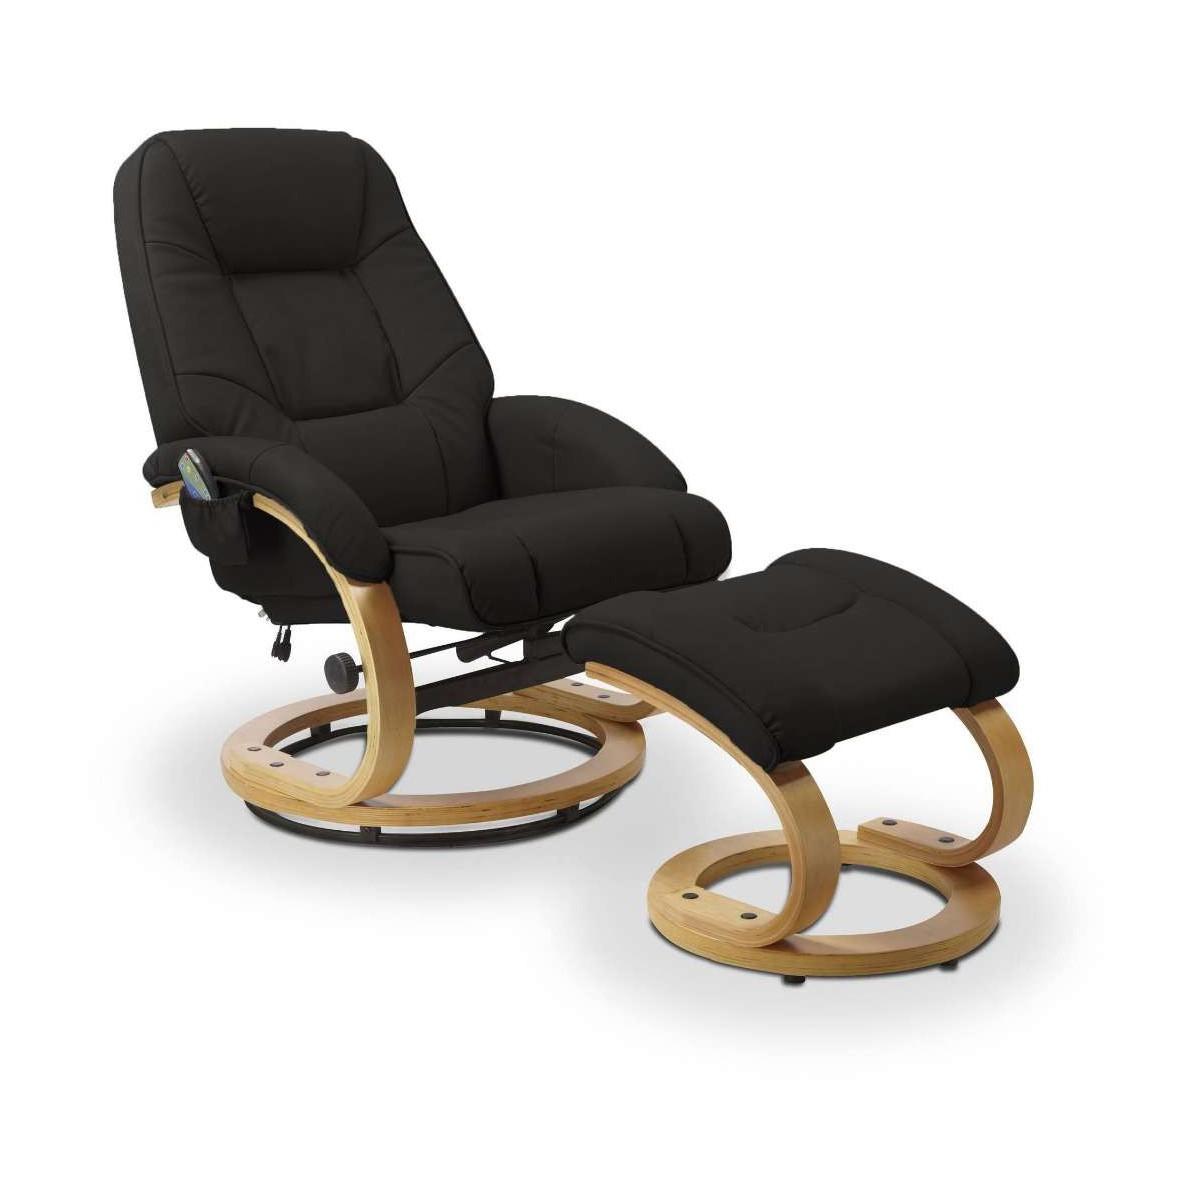 Matador czarny fotel rozkładany z funkcją masażu i podgrzewania